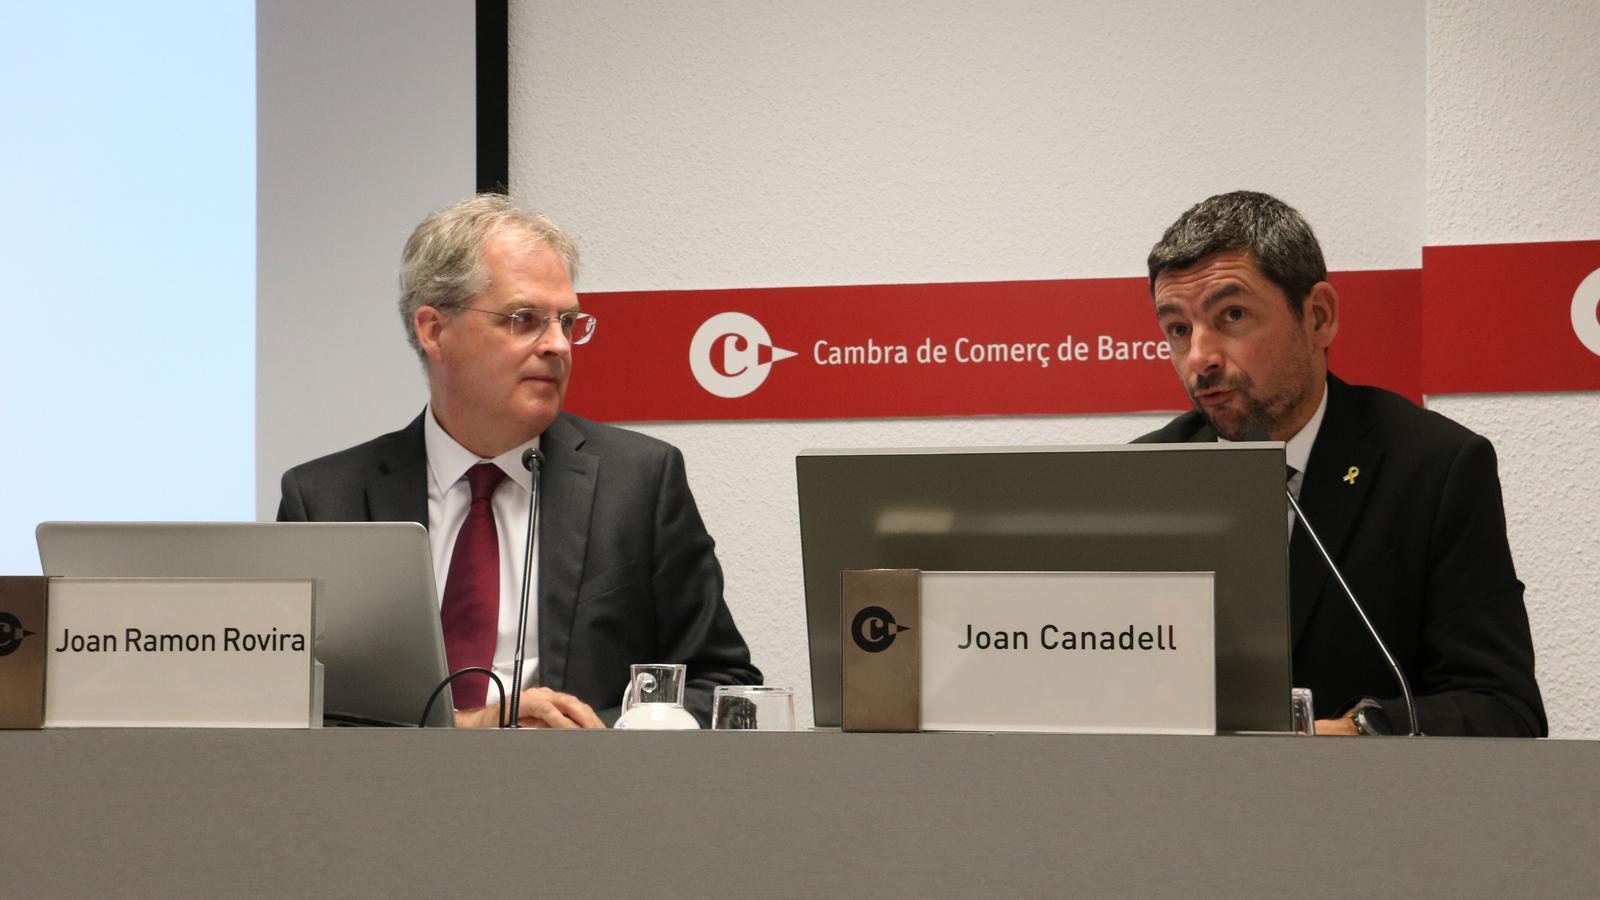 El cap d'estudis de la Cambra de Comerç, Joan Ramon Rovira, amb el president de l'ens, Joan Canadell, en una imatge del 2019.